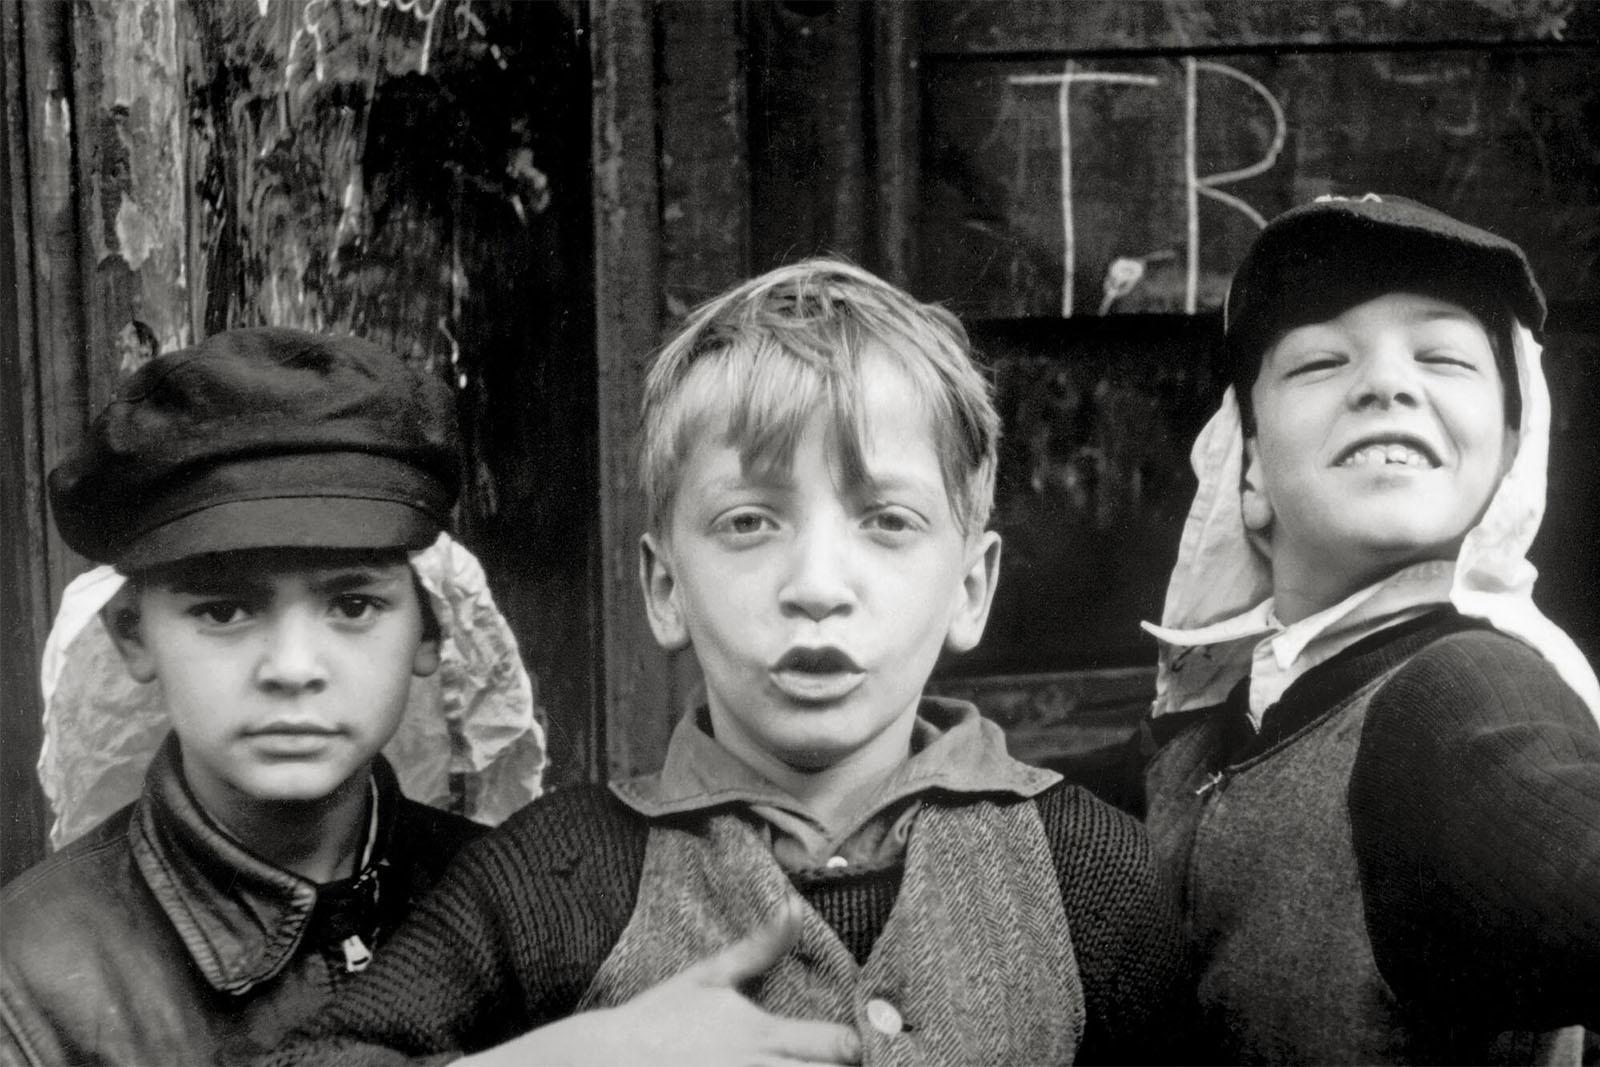 Helen Levitt: In The Street